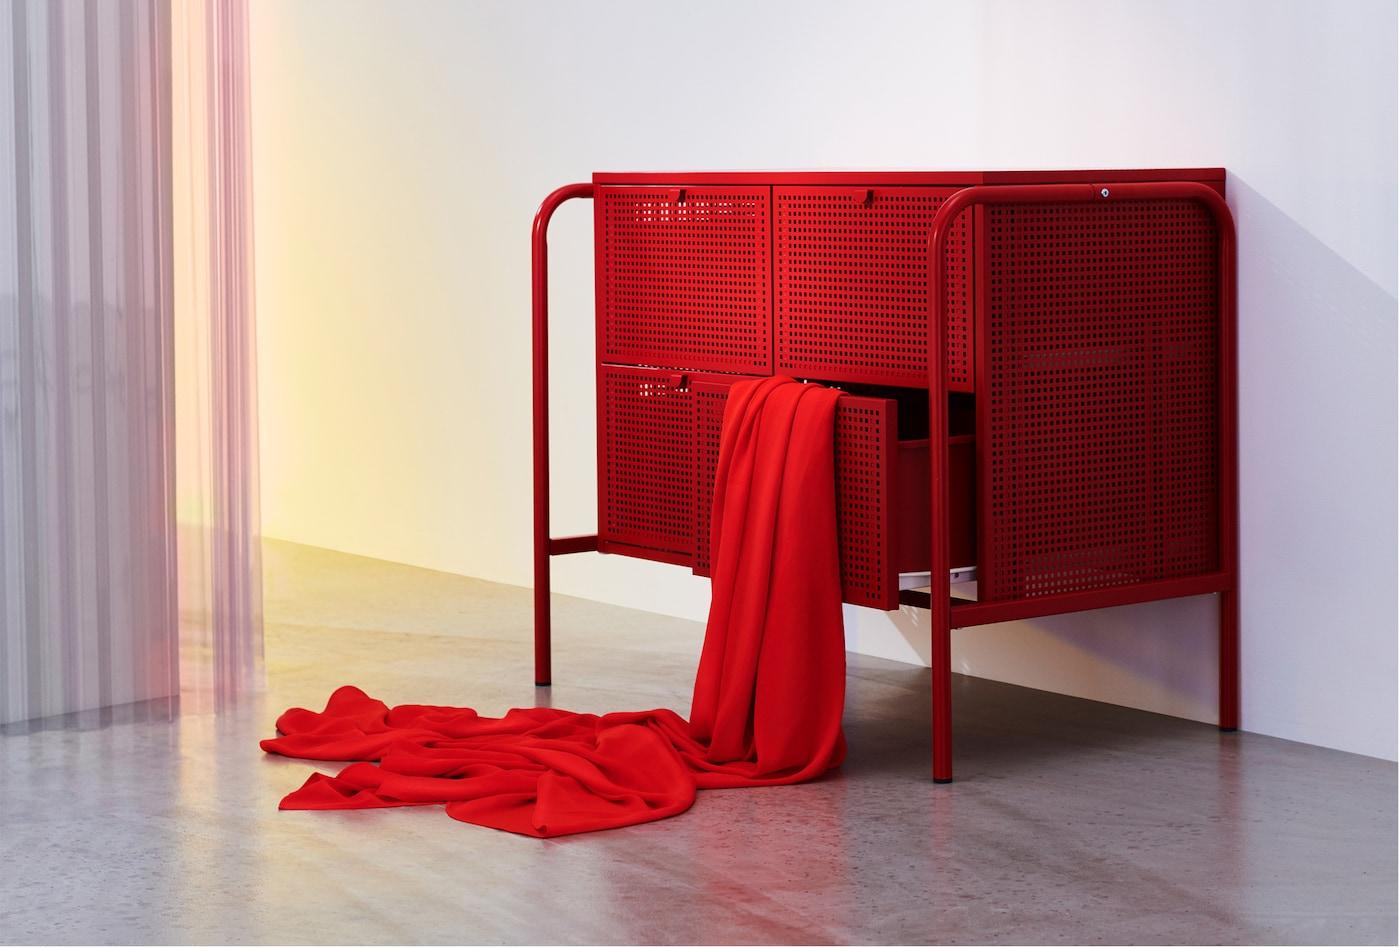 contenere Organizzare e e e contenere IKEA IKEA IKEA contenere Organizzare Organizzare eDHYWEI92